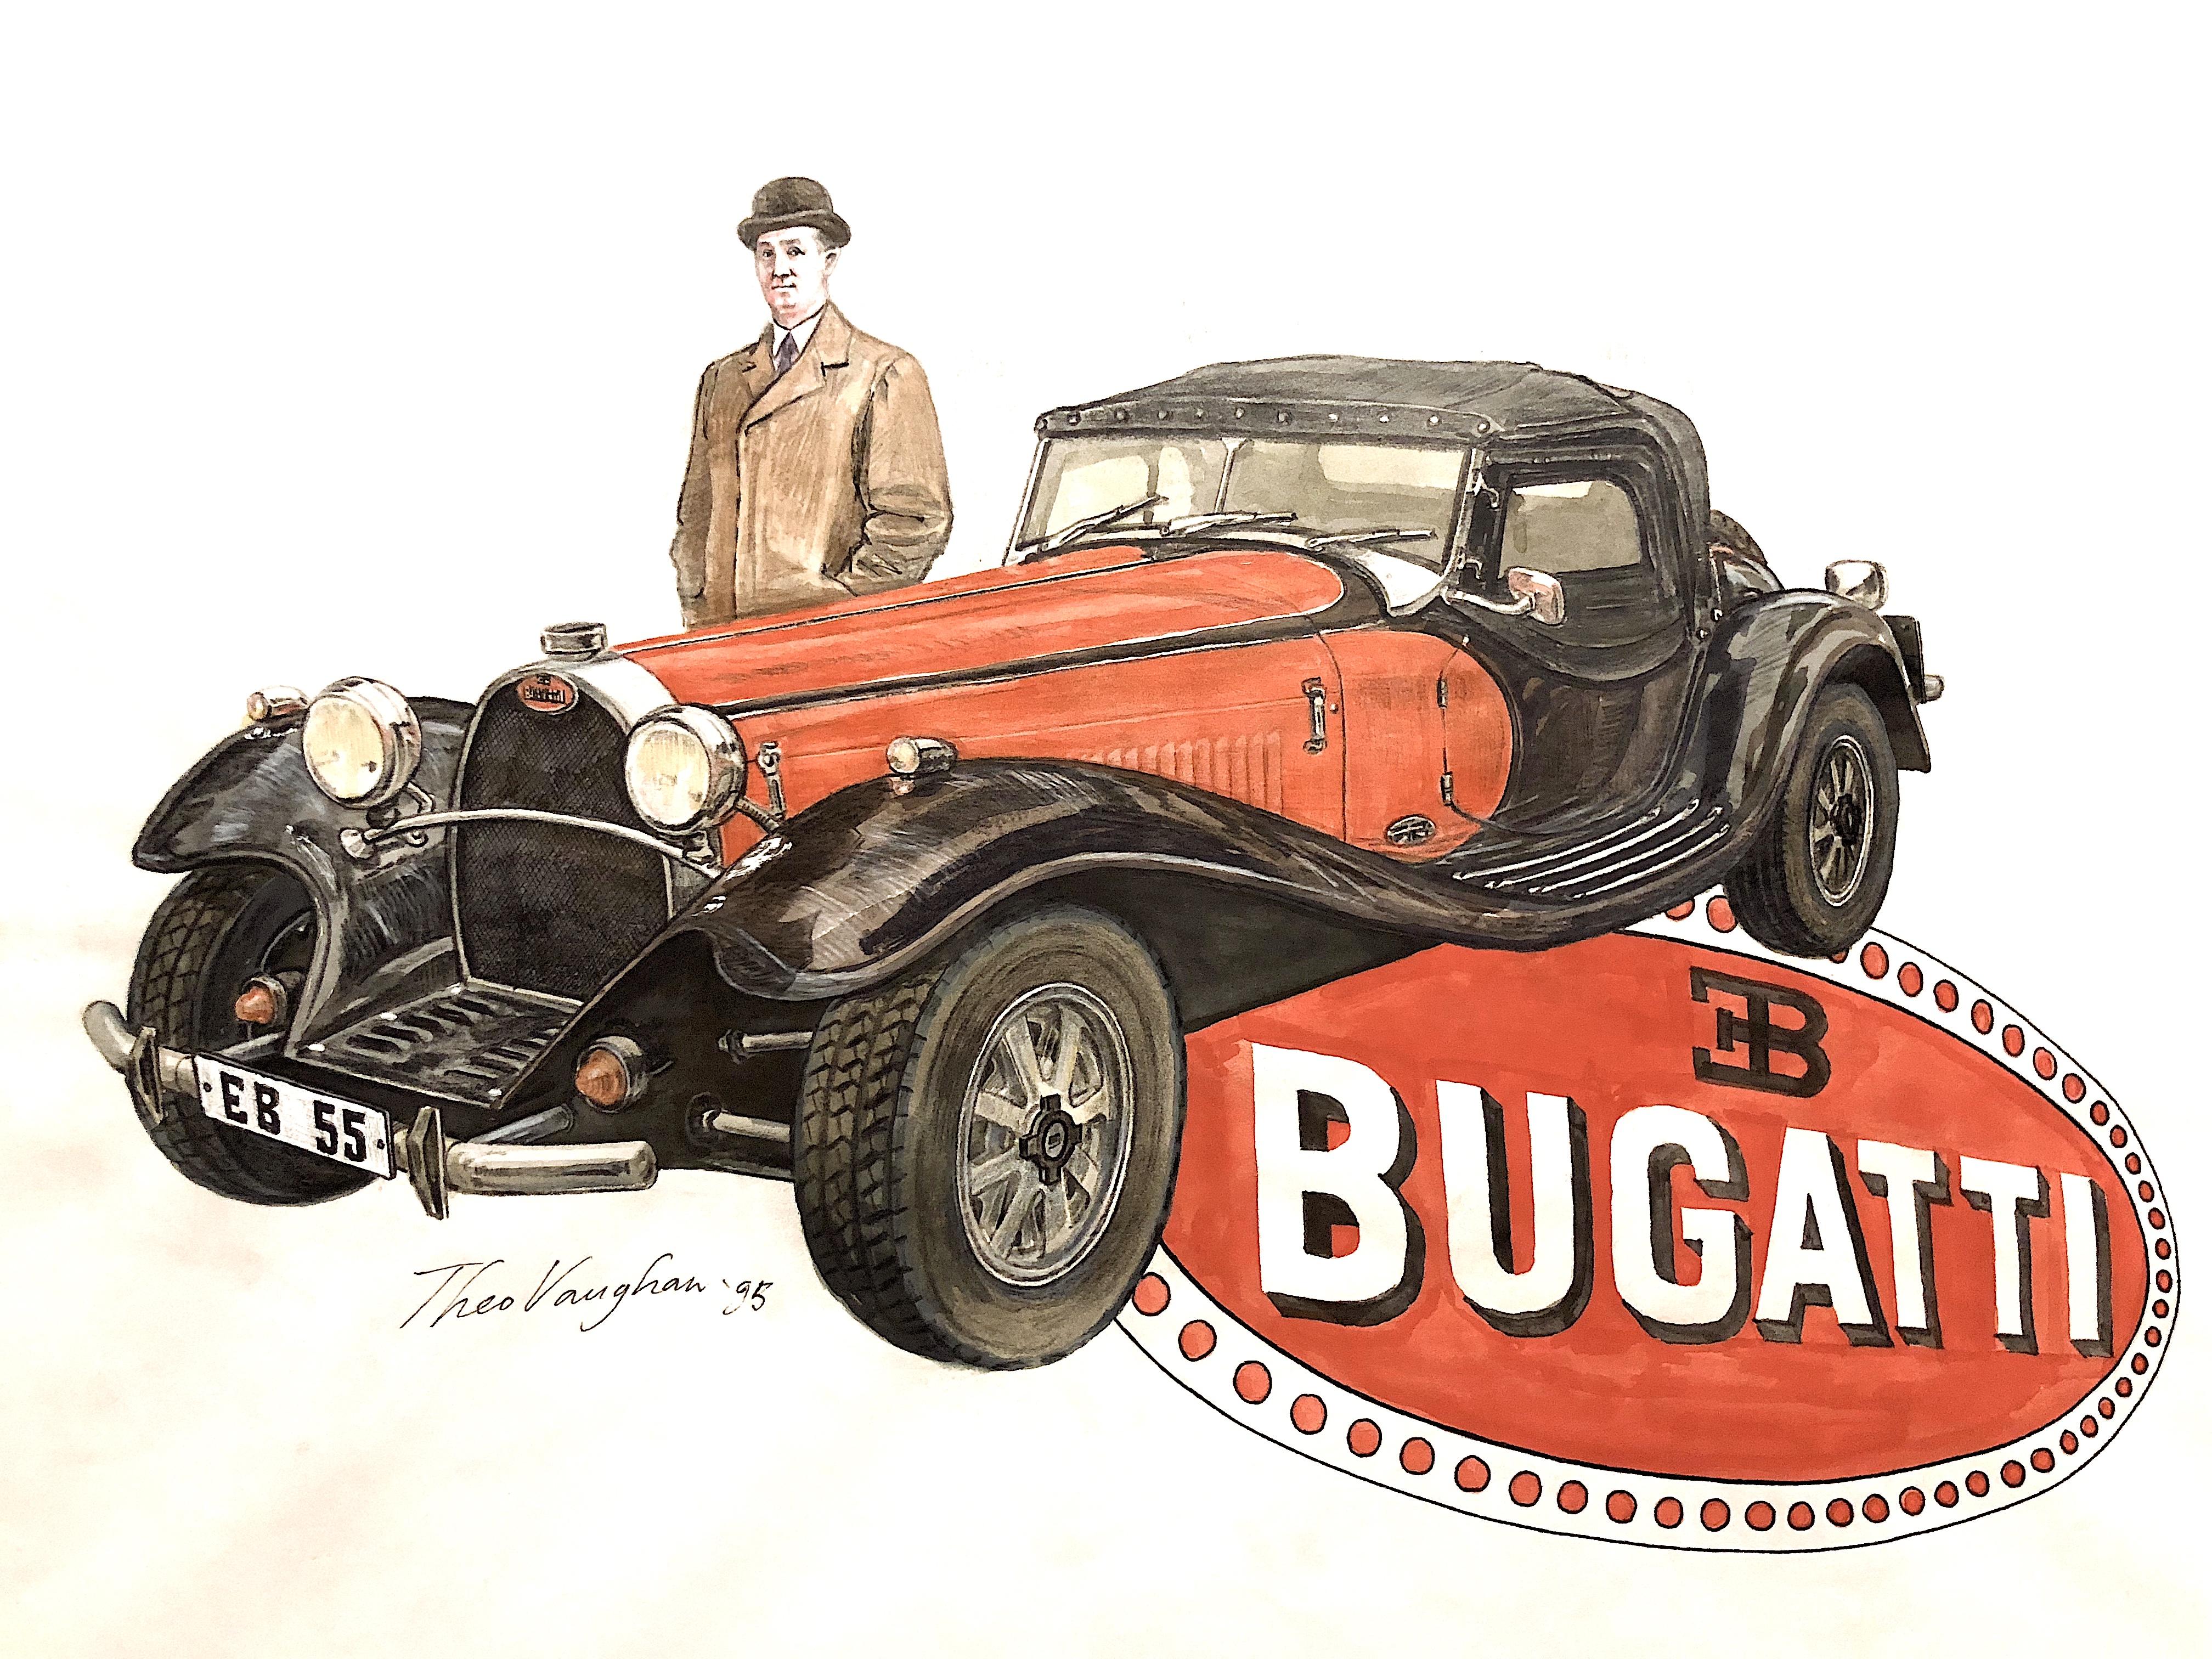 Type 55 Bugatti with Ettore